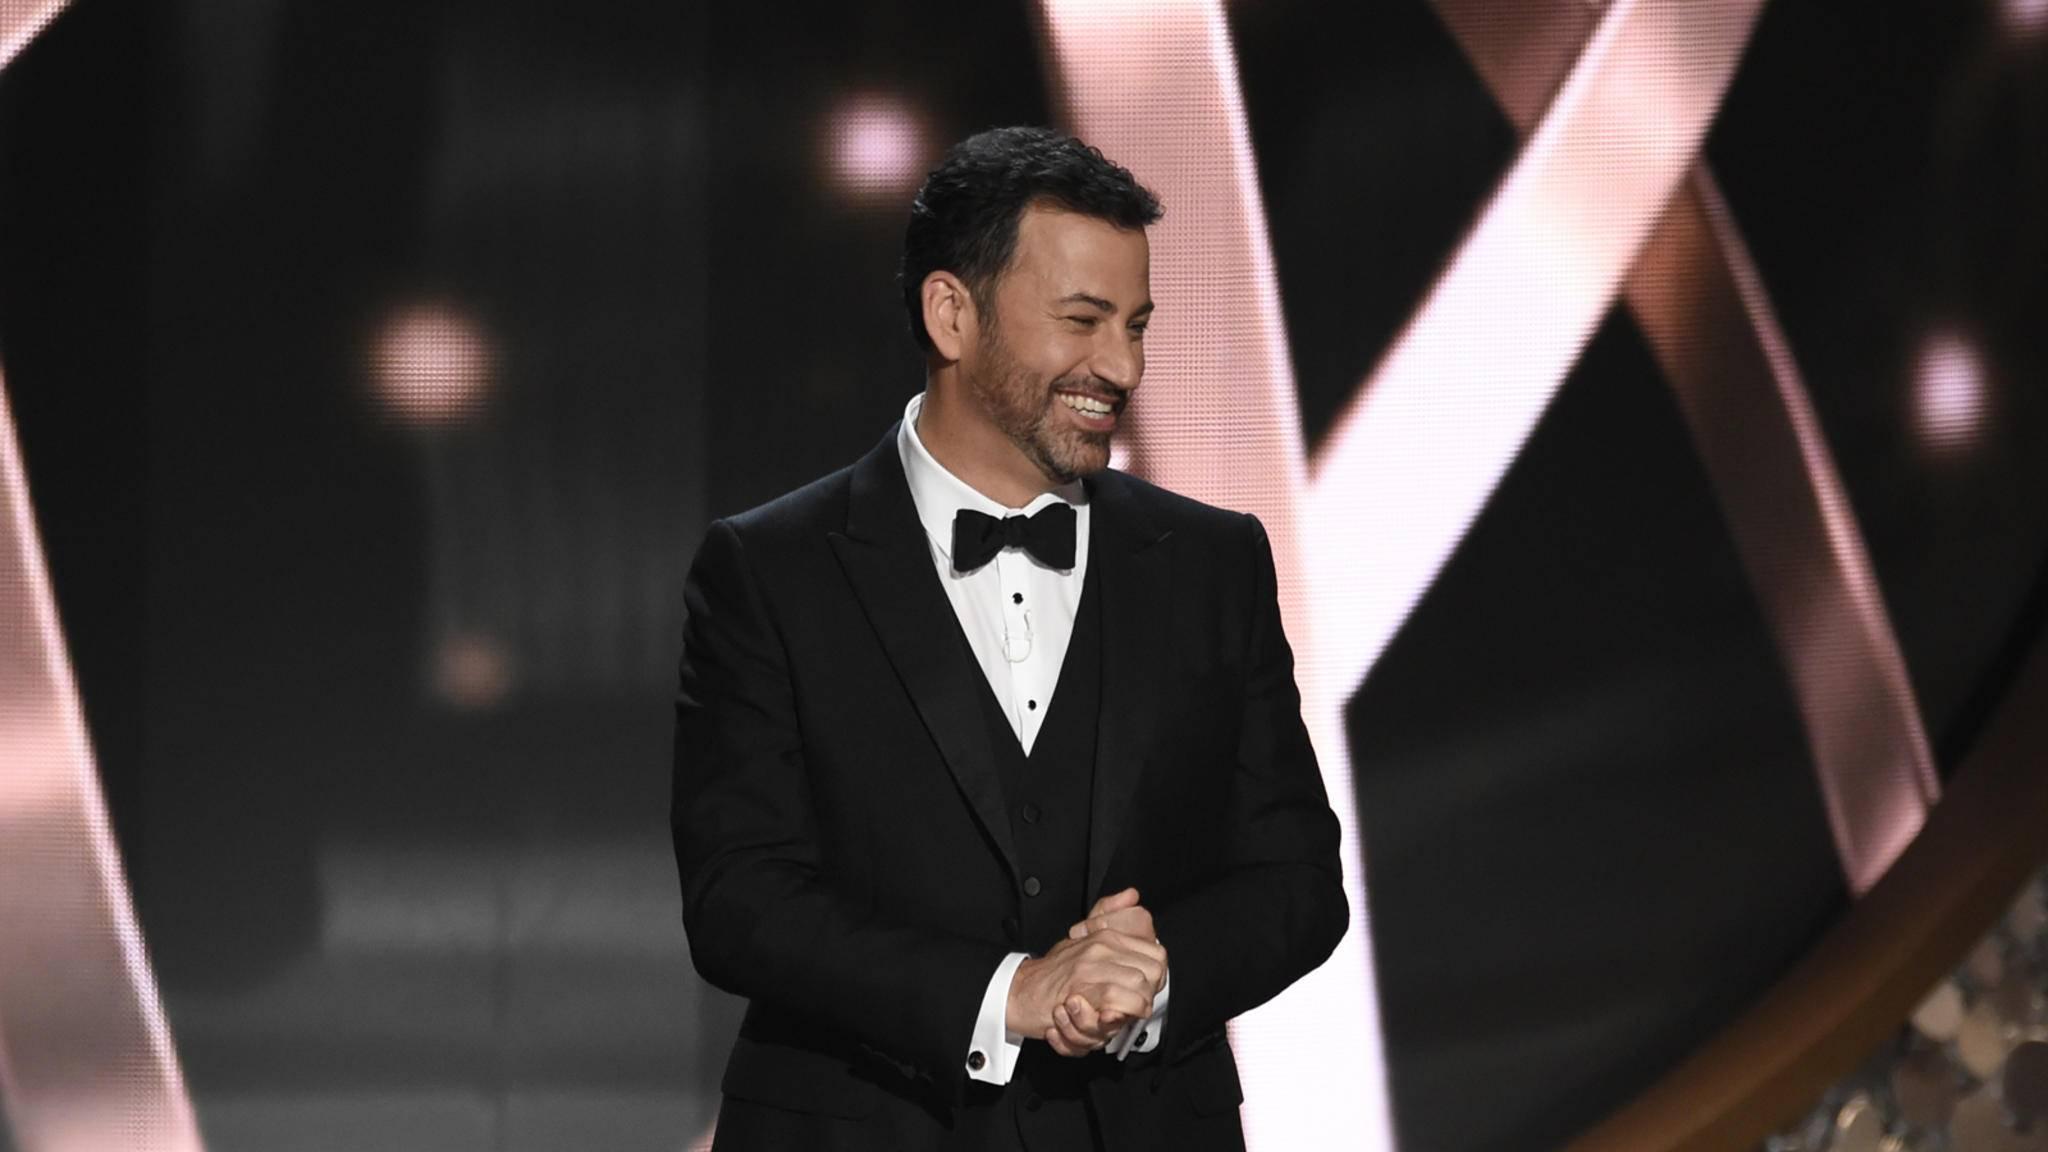 Mit der Moderation der Emmys 2012 und 2016 ist Jimmy Kimmel bestens für die Oscars 2017 gerüstet.